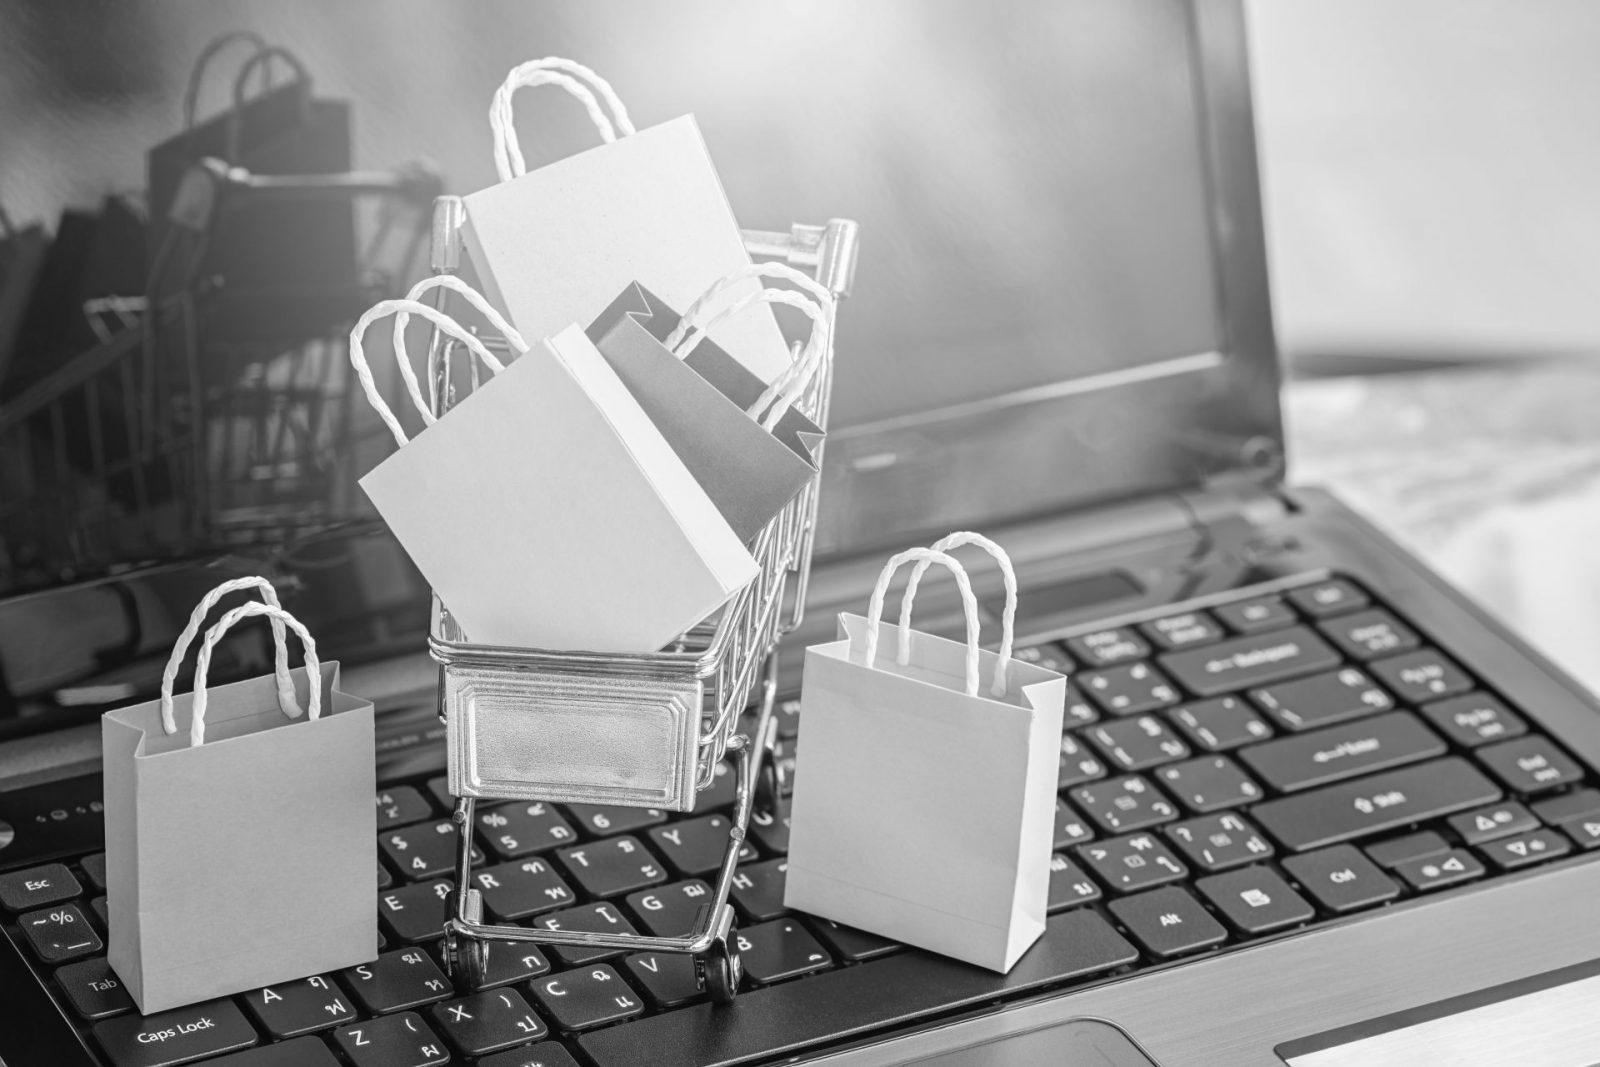 التجارة الالكترونية مزايا وعيوب